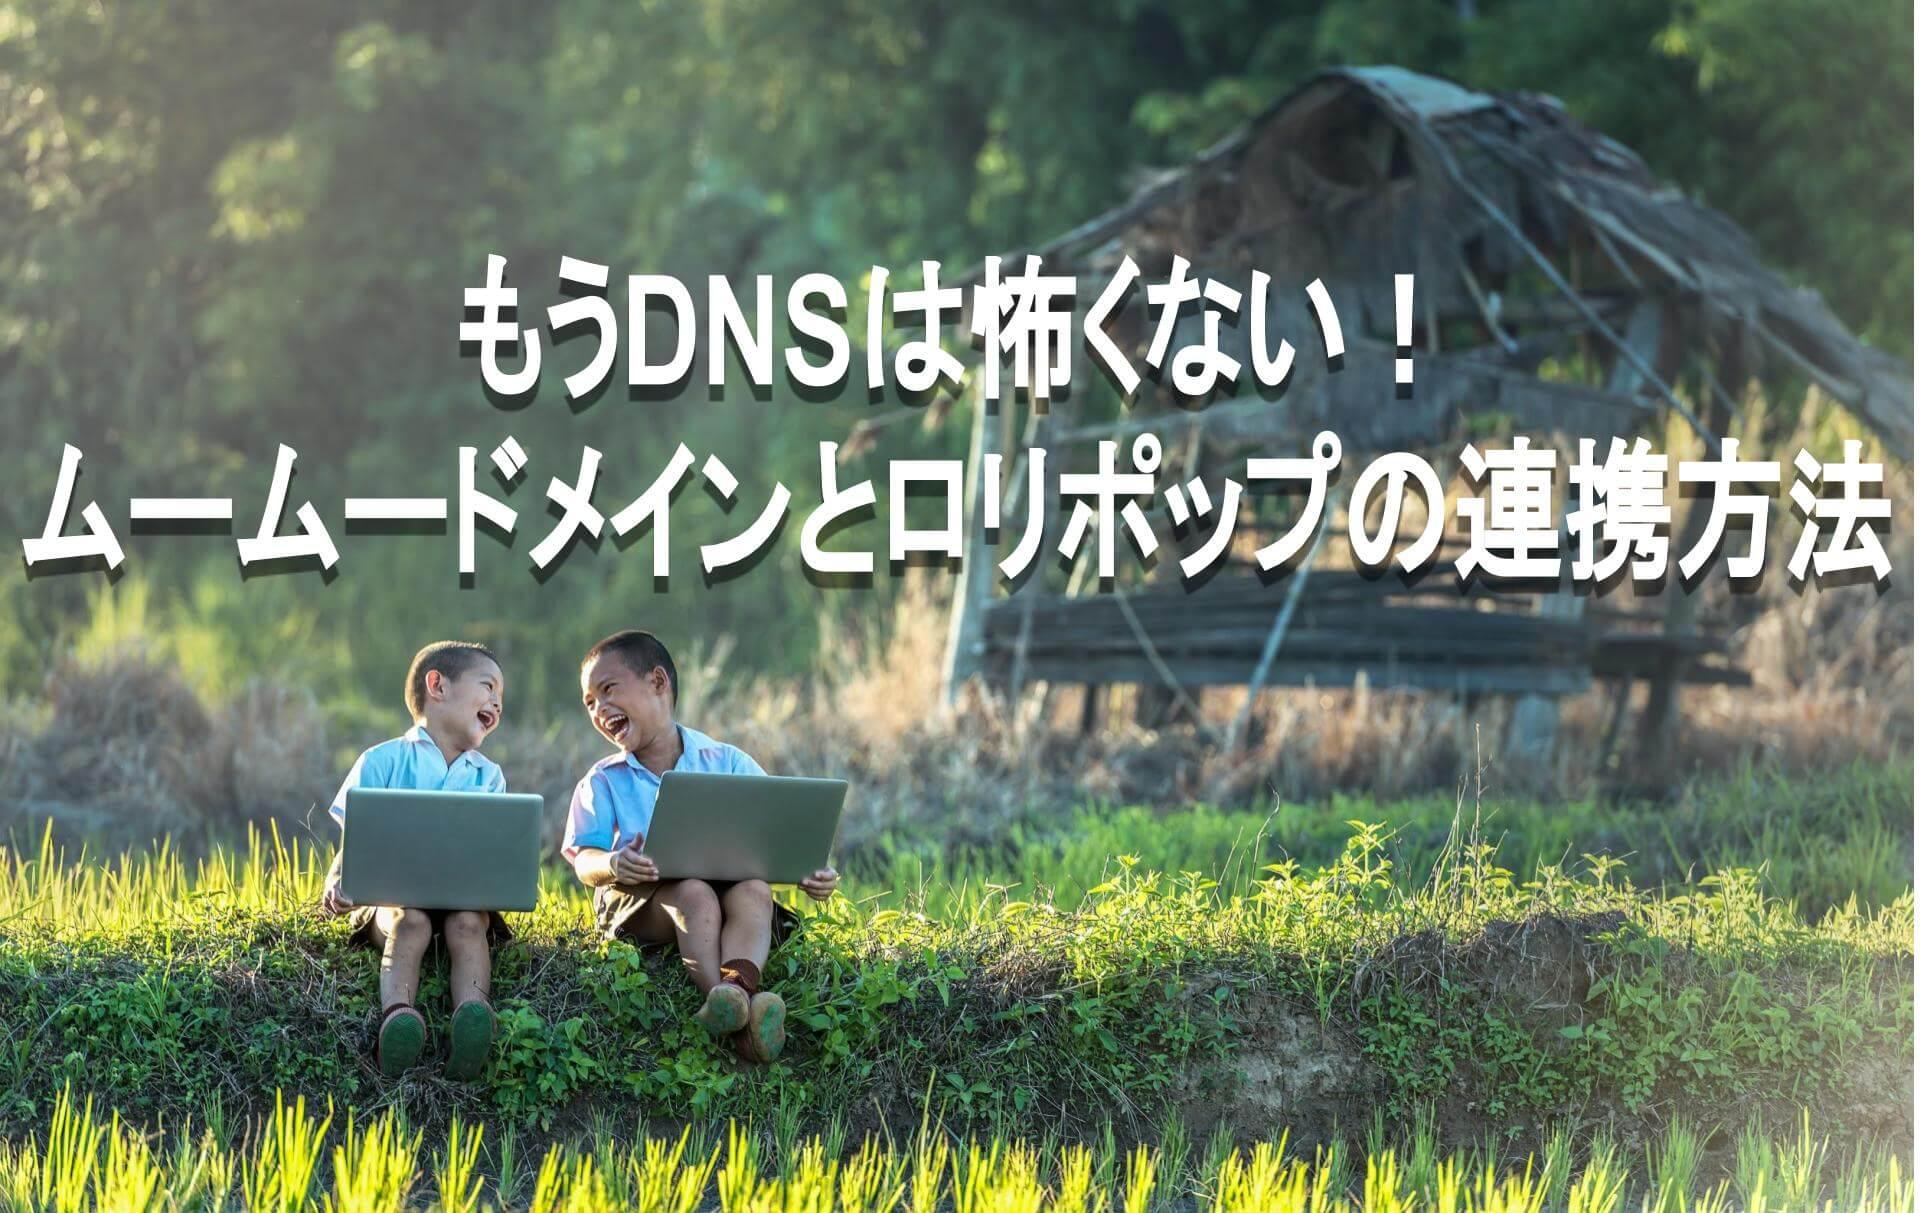 農村でノートPCを操作する笑顔の少年たち テキスト「もうDNSは怖くない!ムームードメインとロリポップの連携方法」